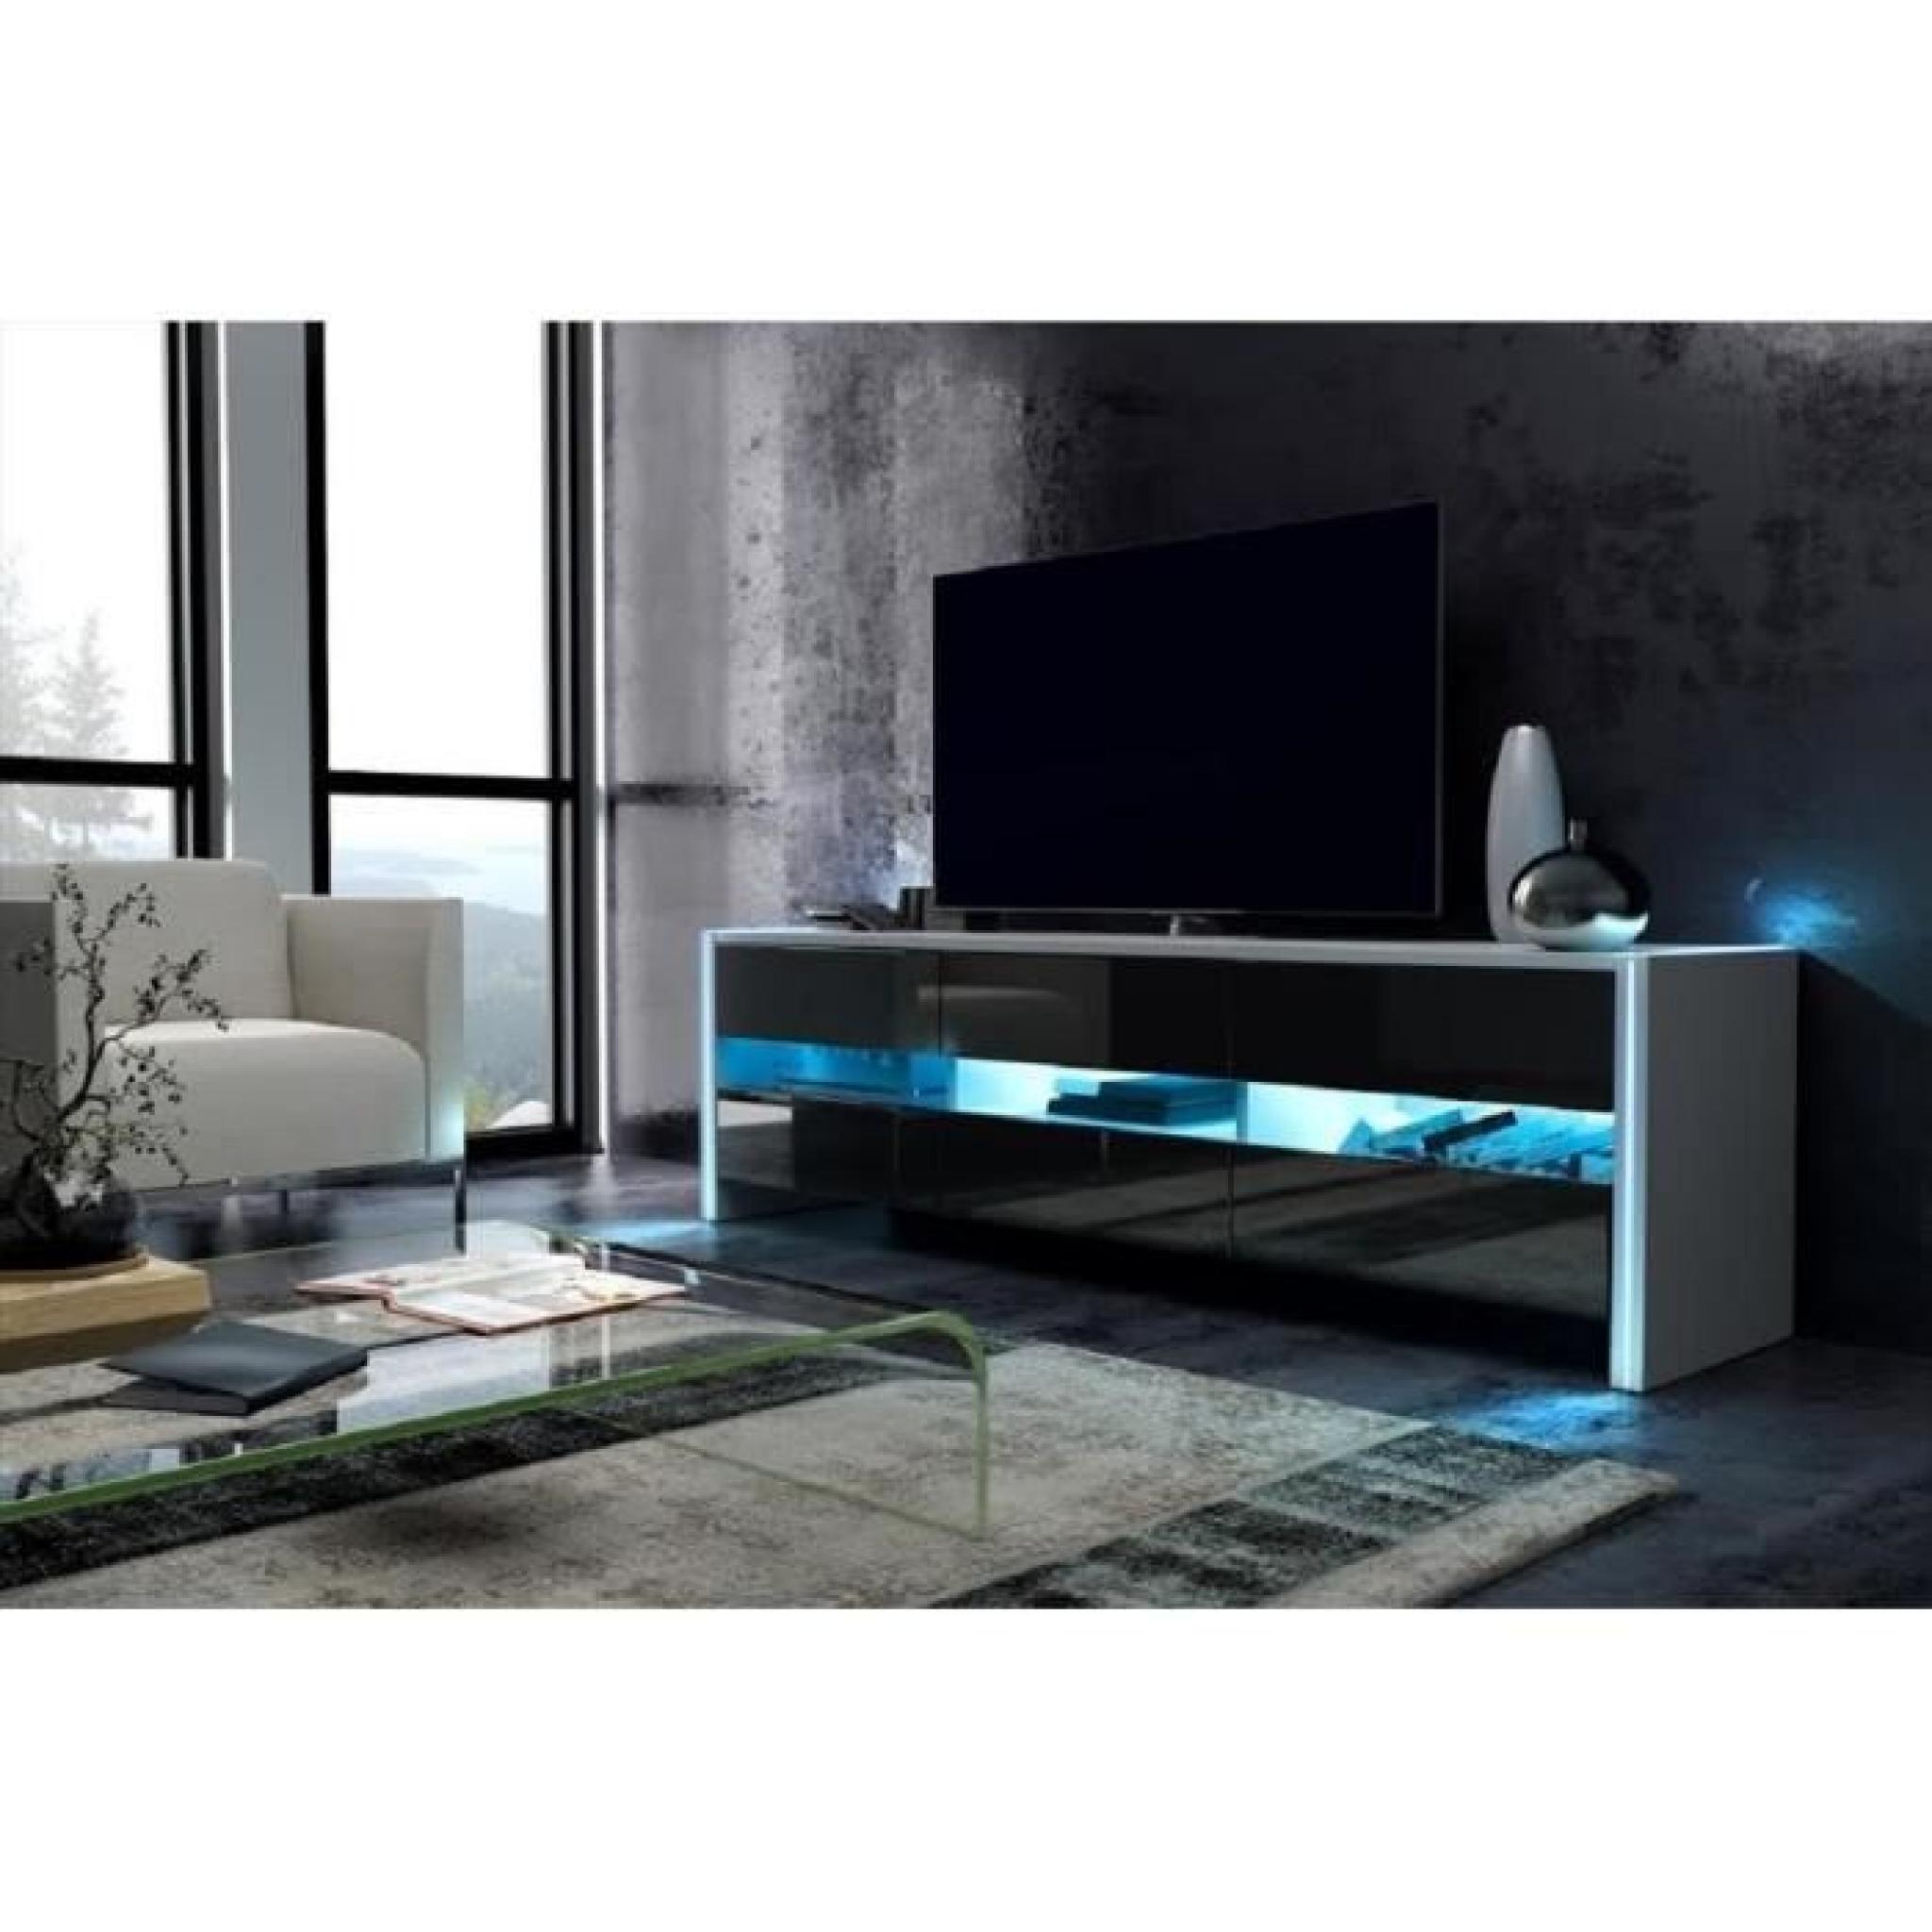 Cabinet Rtv Roche Blanc Mat Noir Brillant Avec Led Achat Vente  # Meuble Tv Noir Avec Led